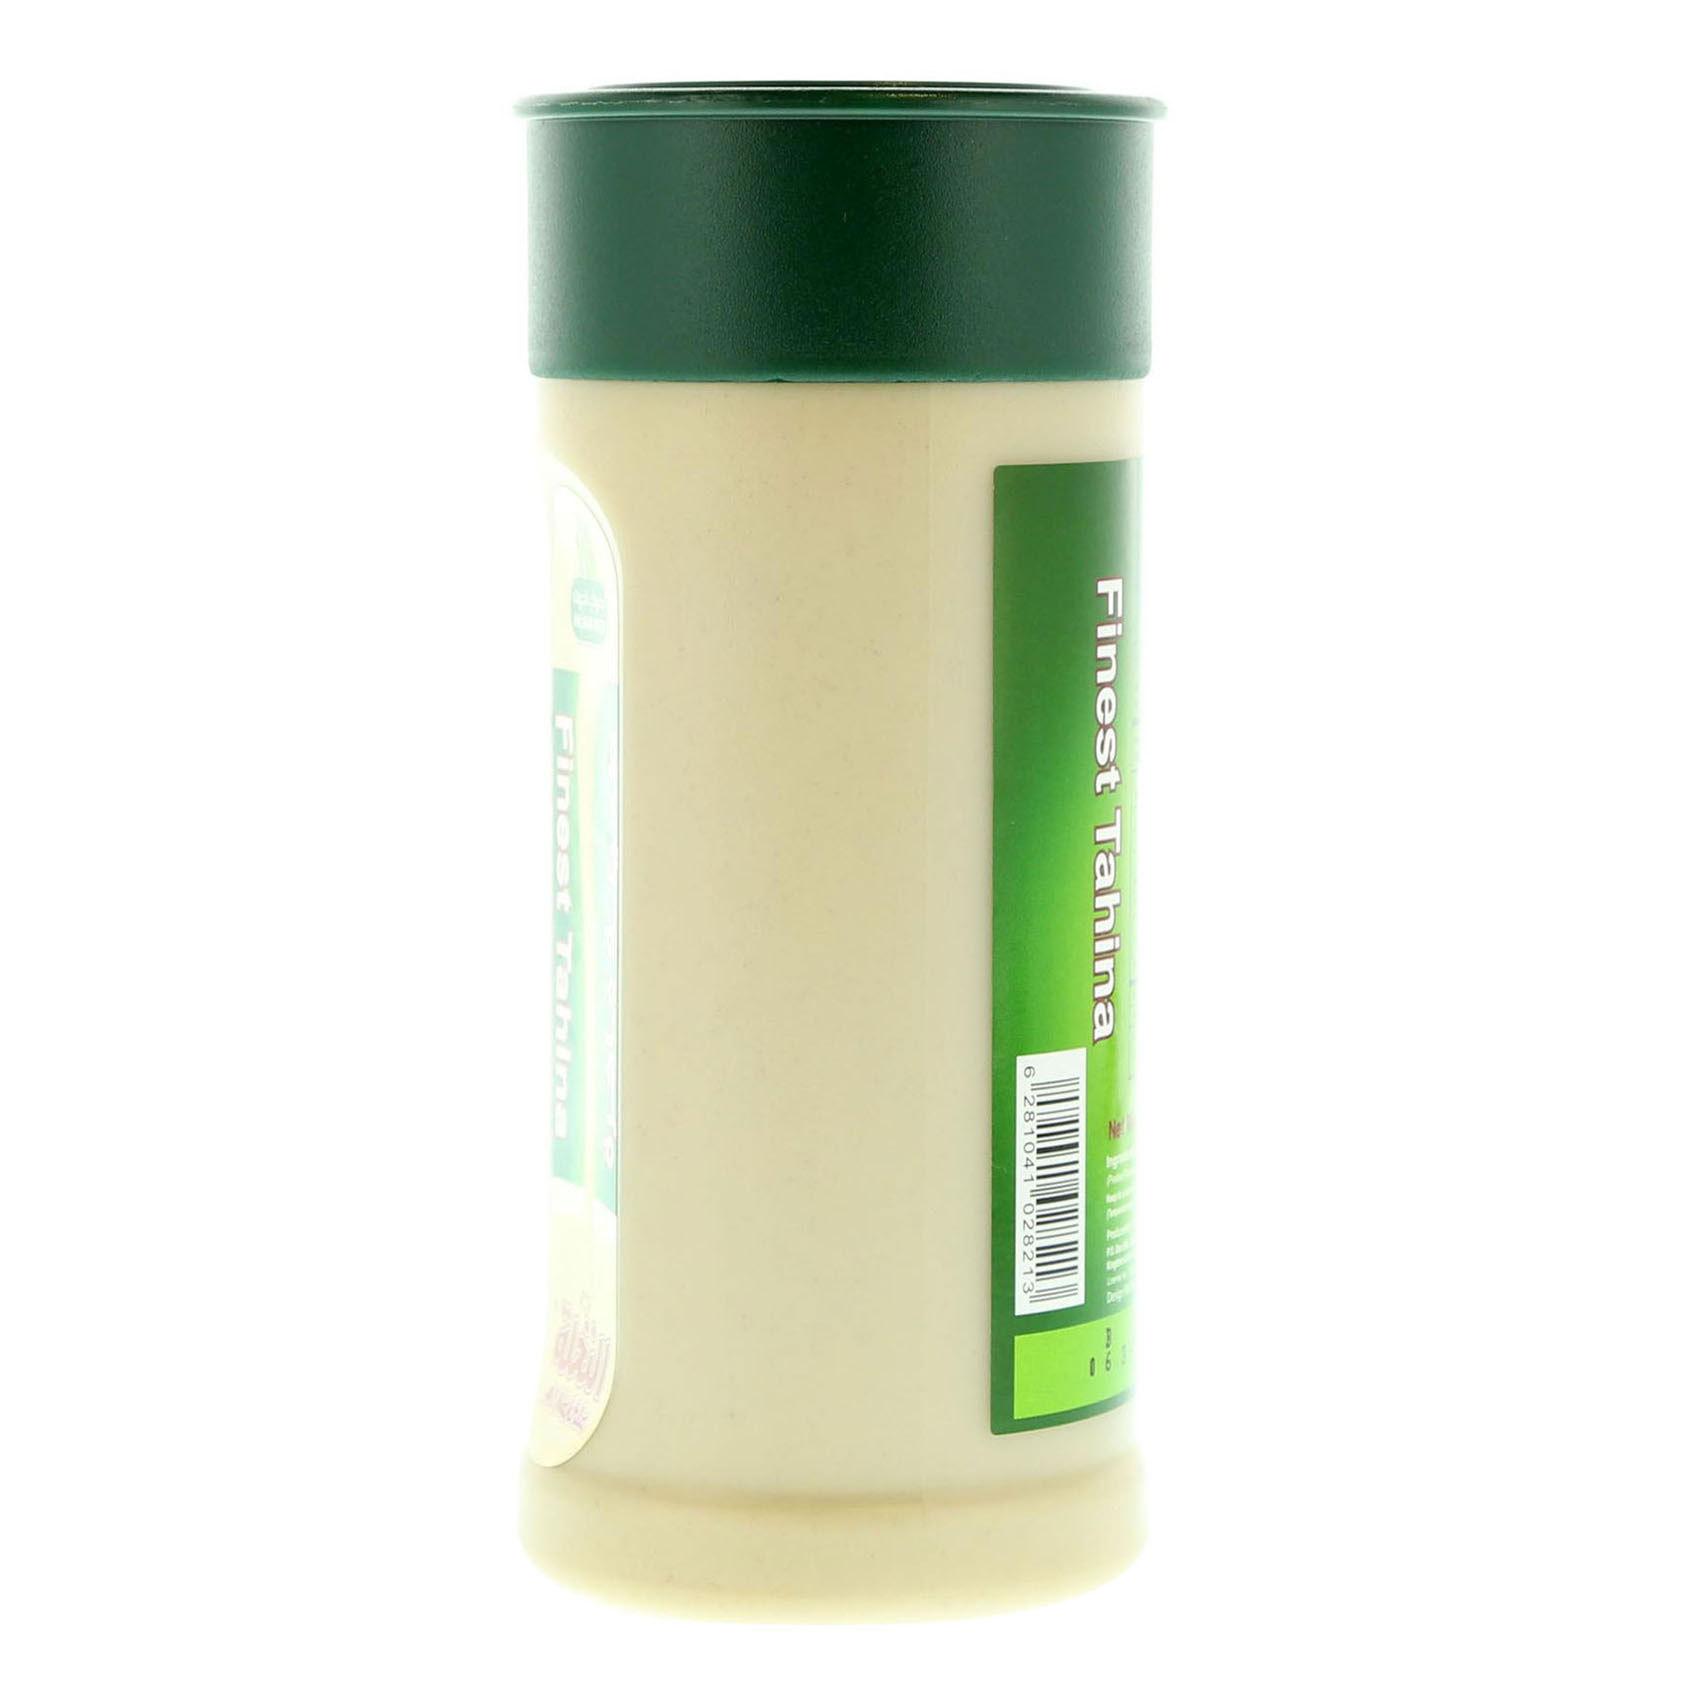 HALWANI TAHINA PLASTIC BOTTLE 500GR